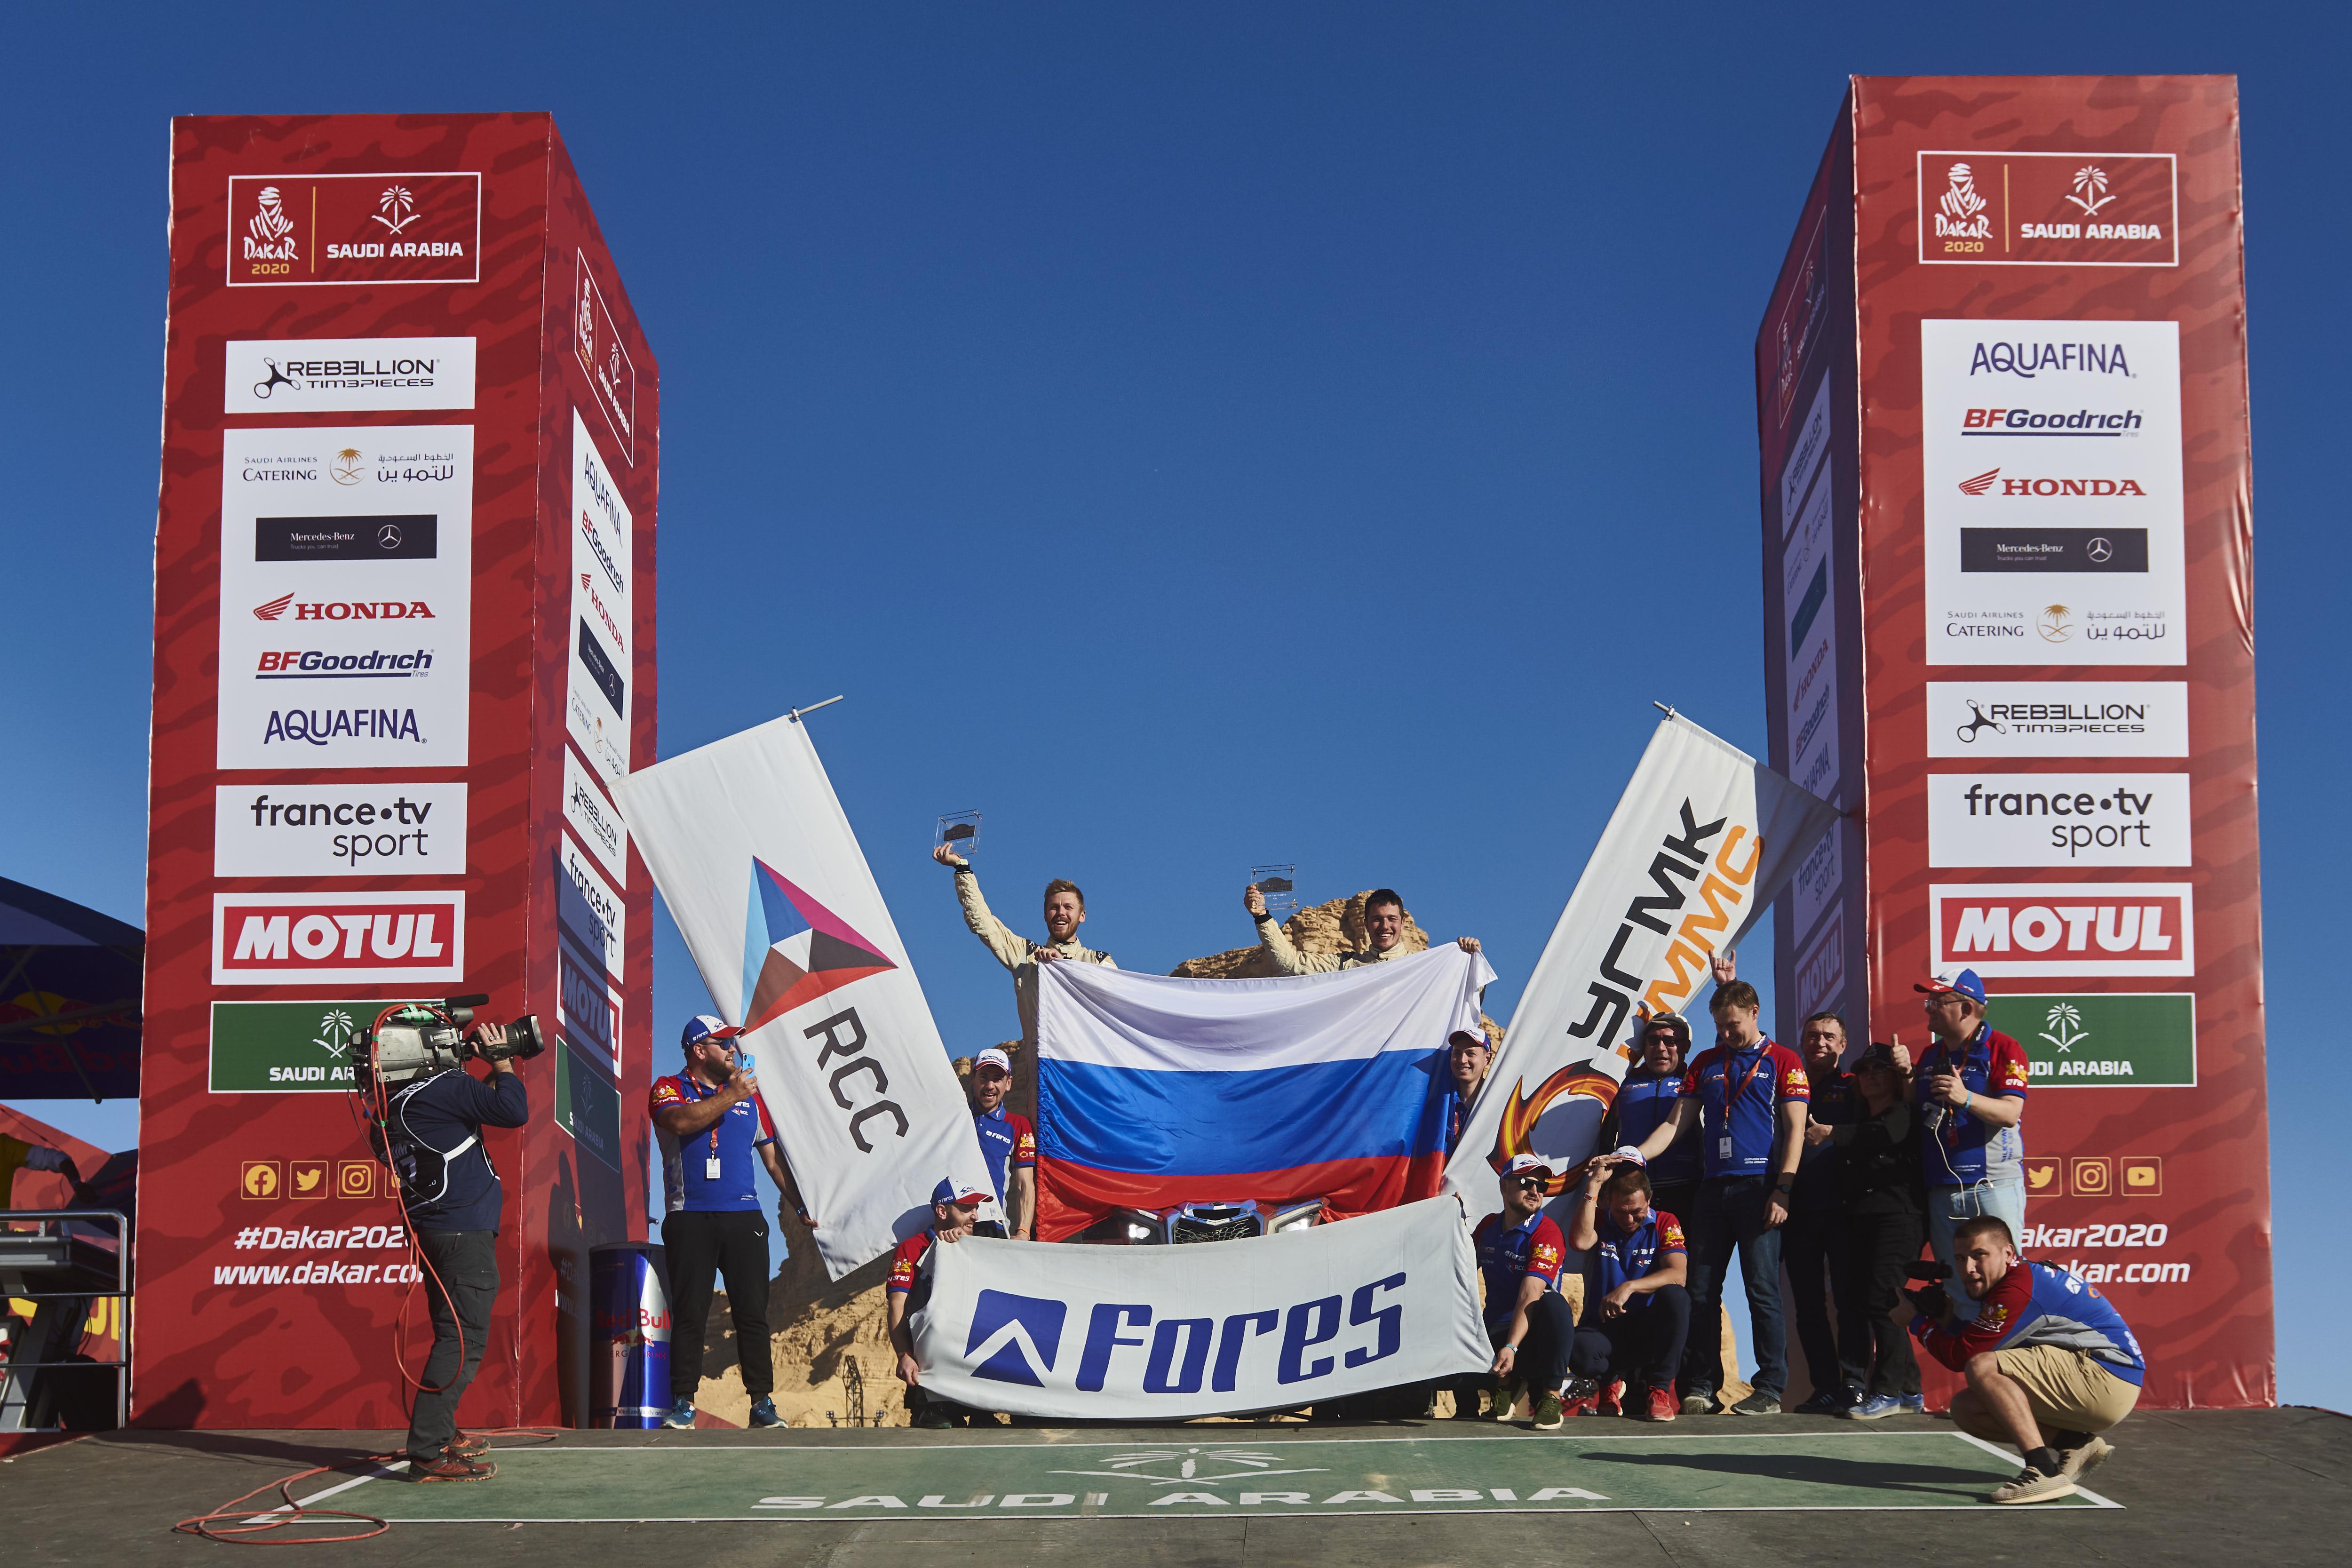 Сергей Карякин и Антон Власюк – серебряные призёры марафона Dakar 2020, Алексей Шмотьев и Андрей Рудницкий – финишировали в дебютном «Дакаре»